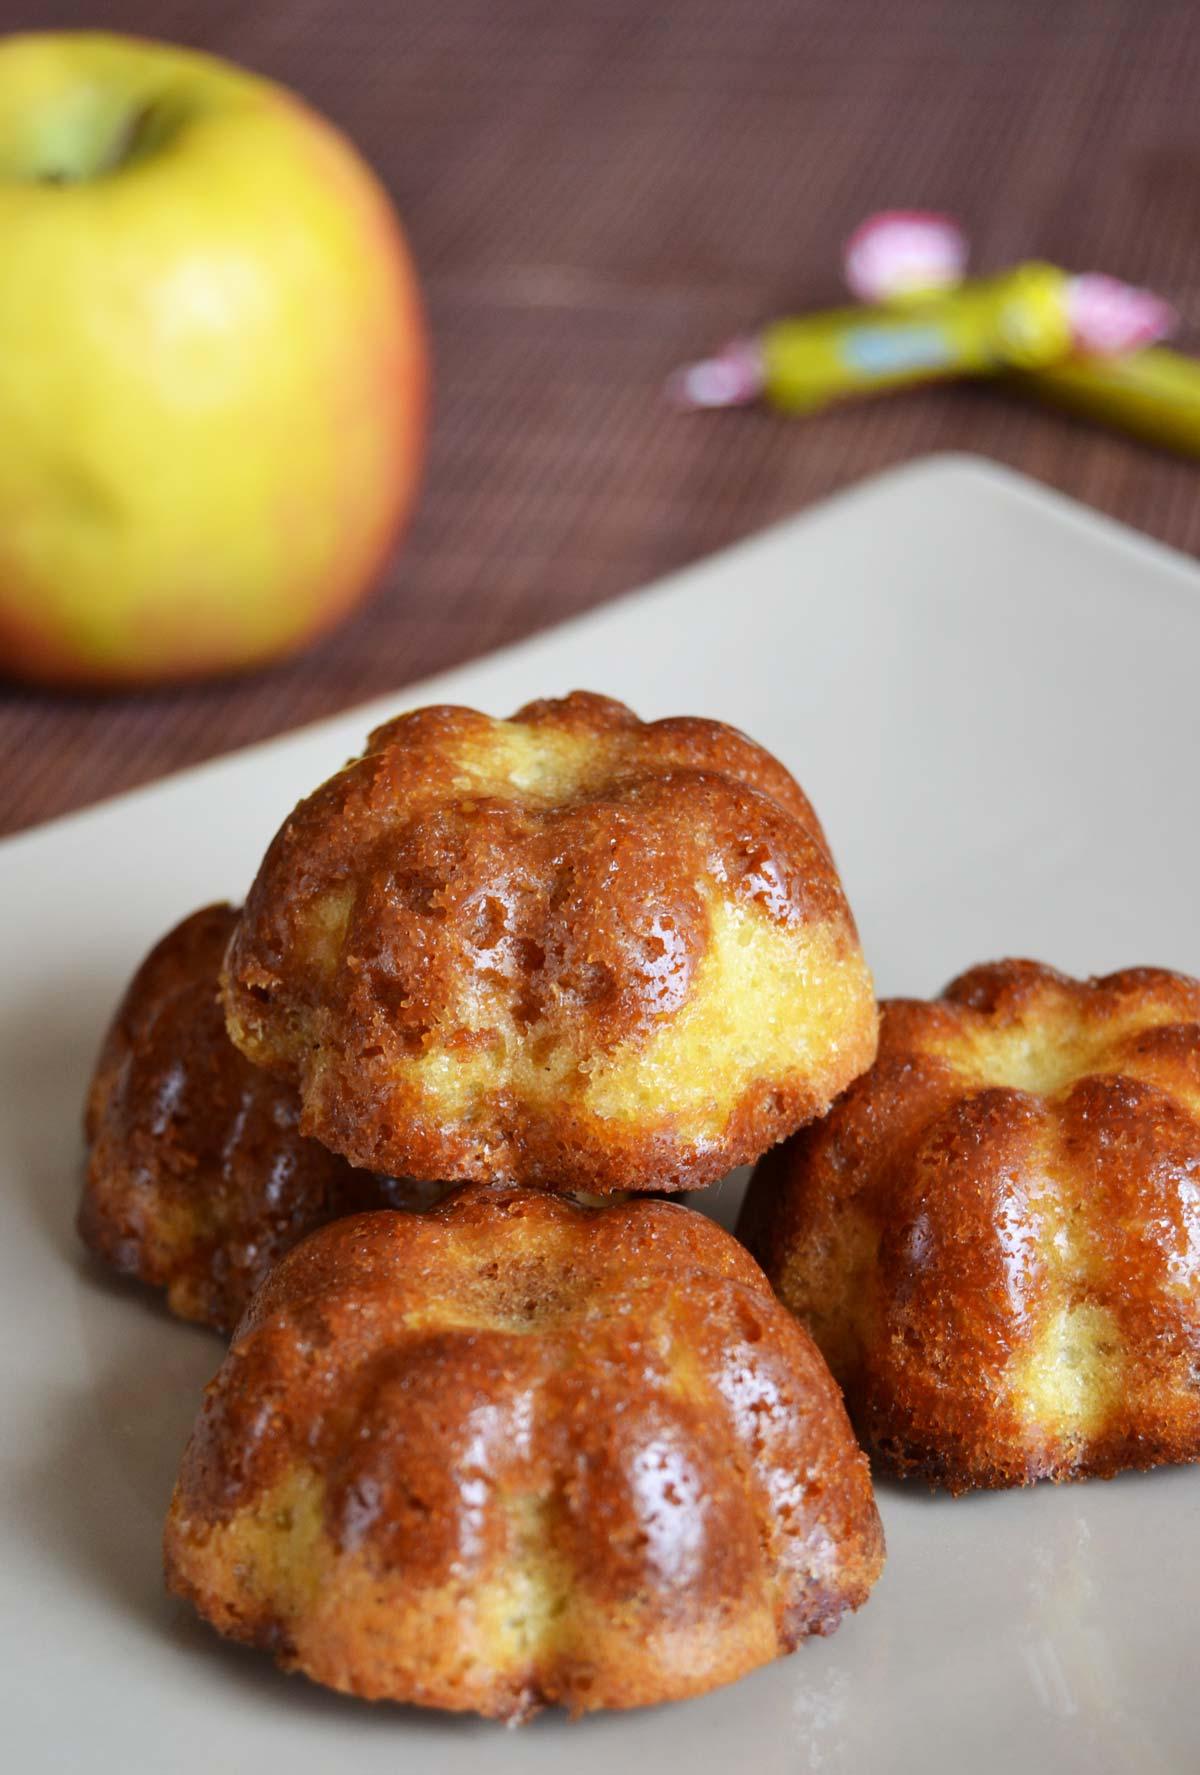 Petits Gâteaux Marbrés Carambar/pomme